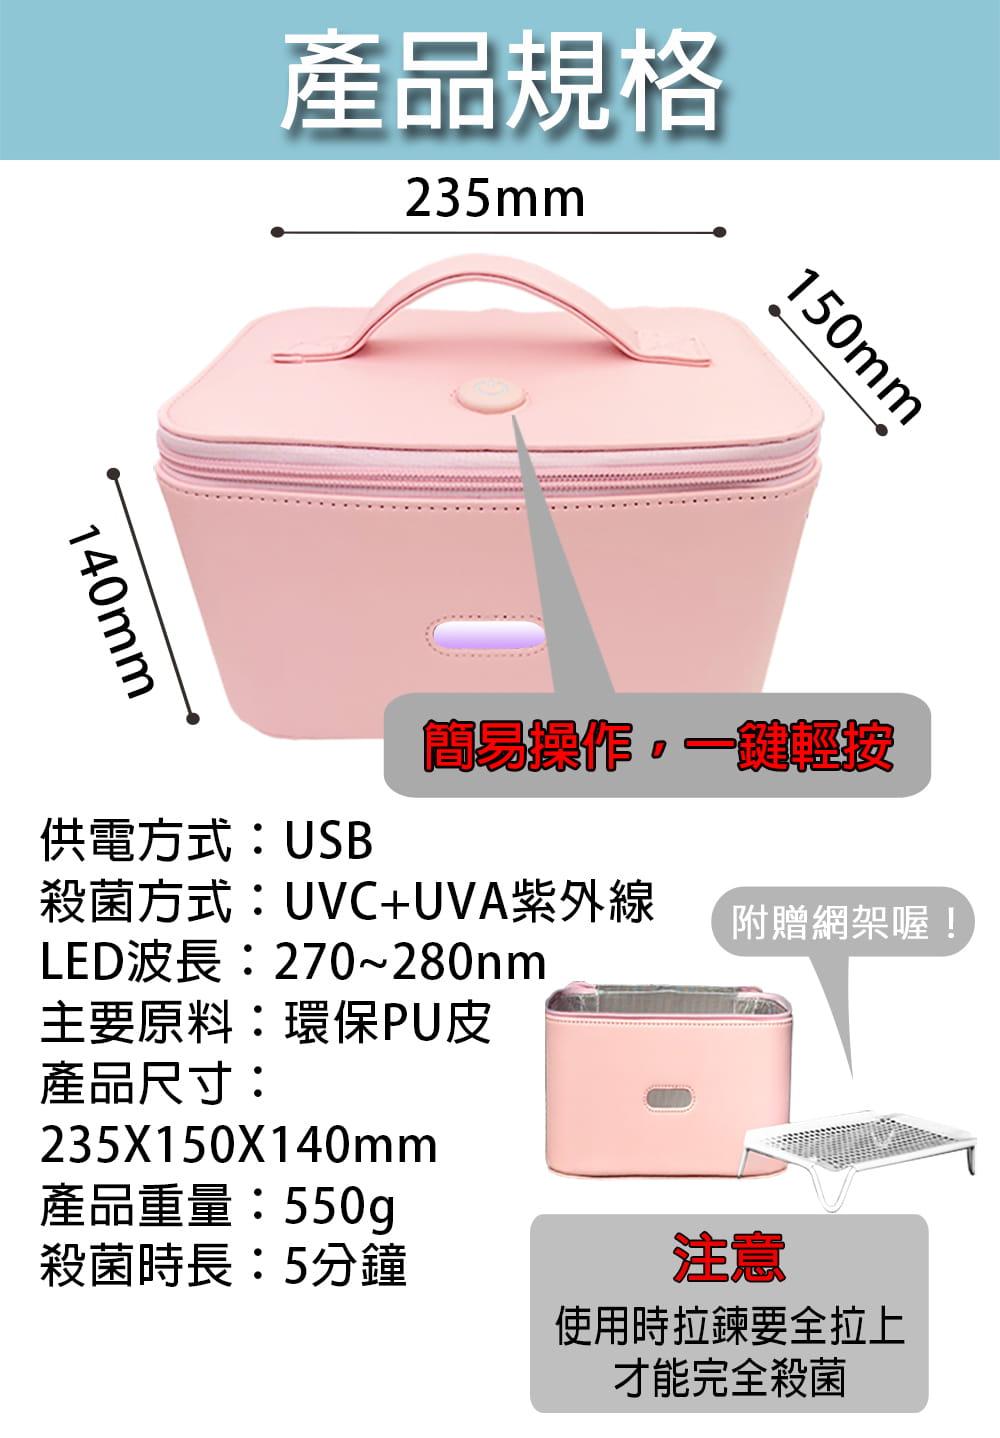 【勝利者】LED.USB紫外線殺菌袋消毒包 7